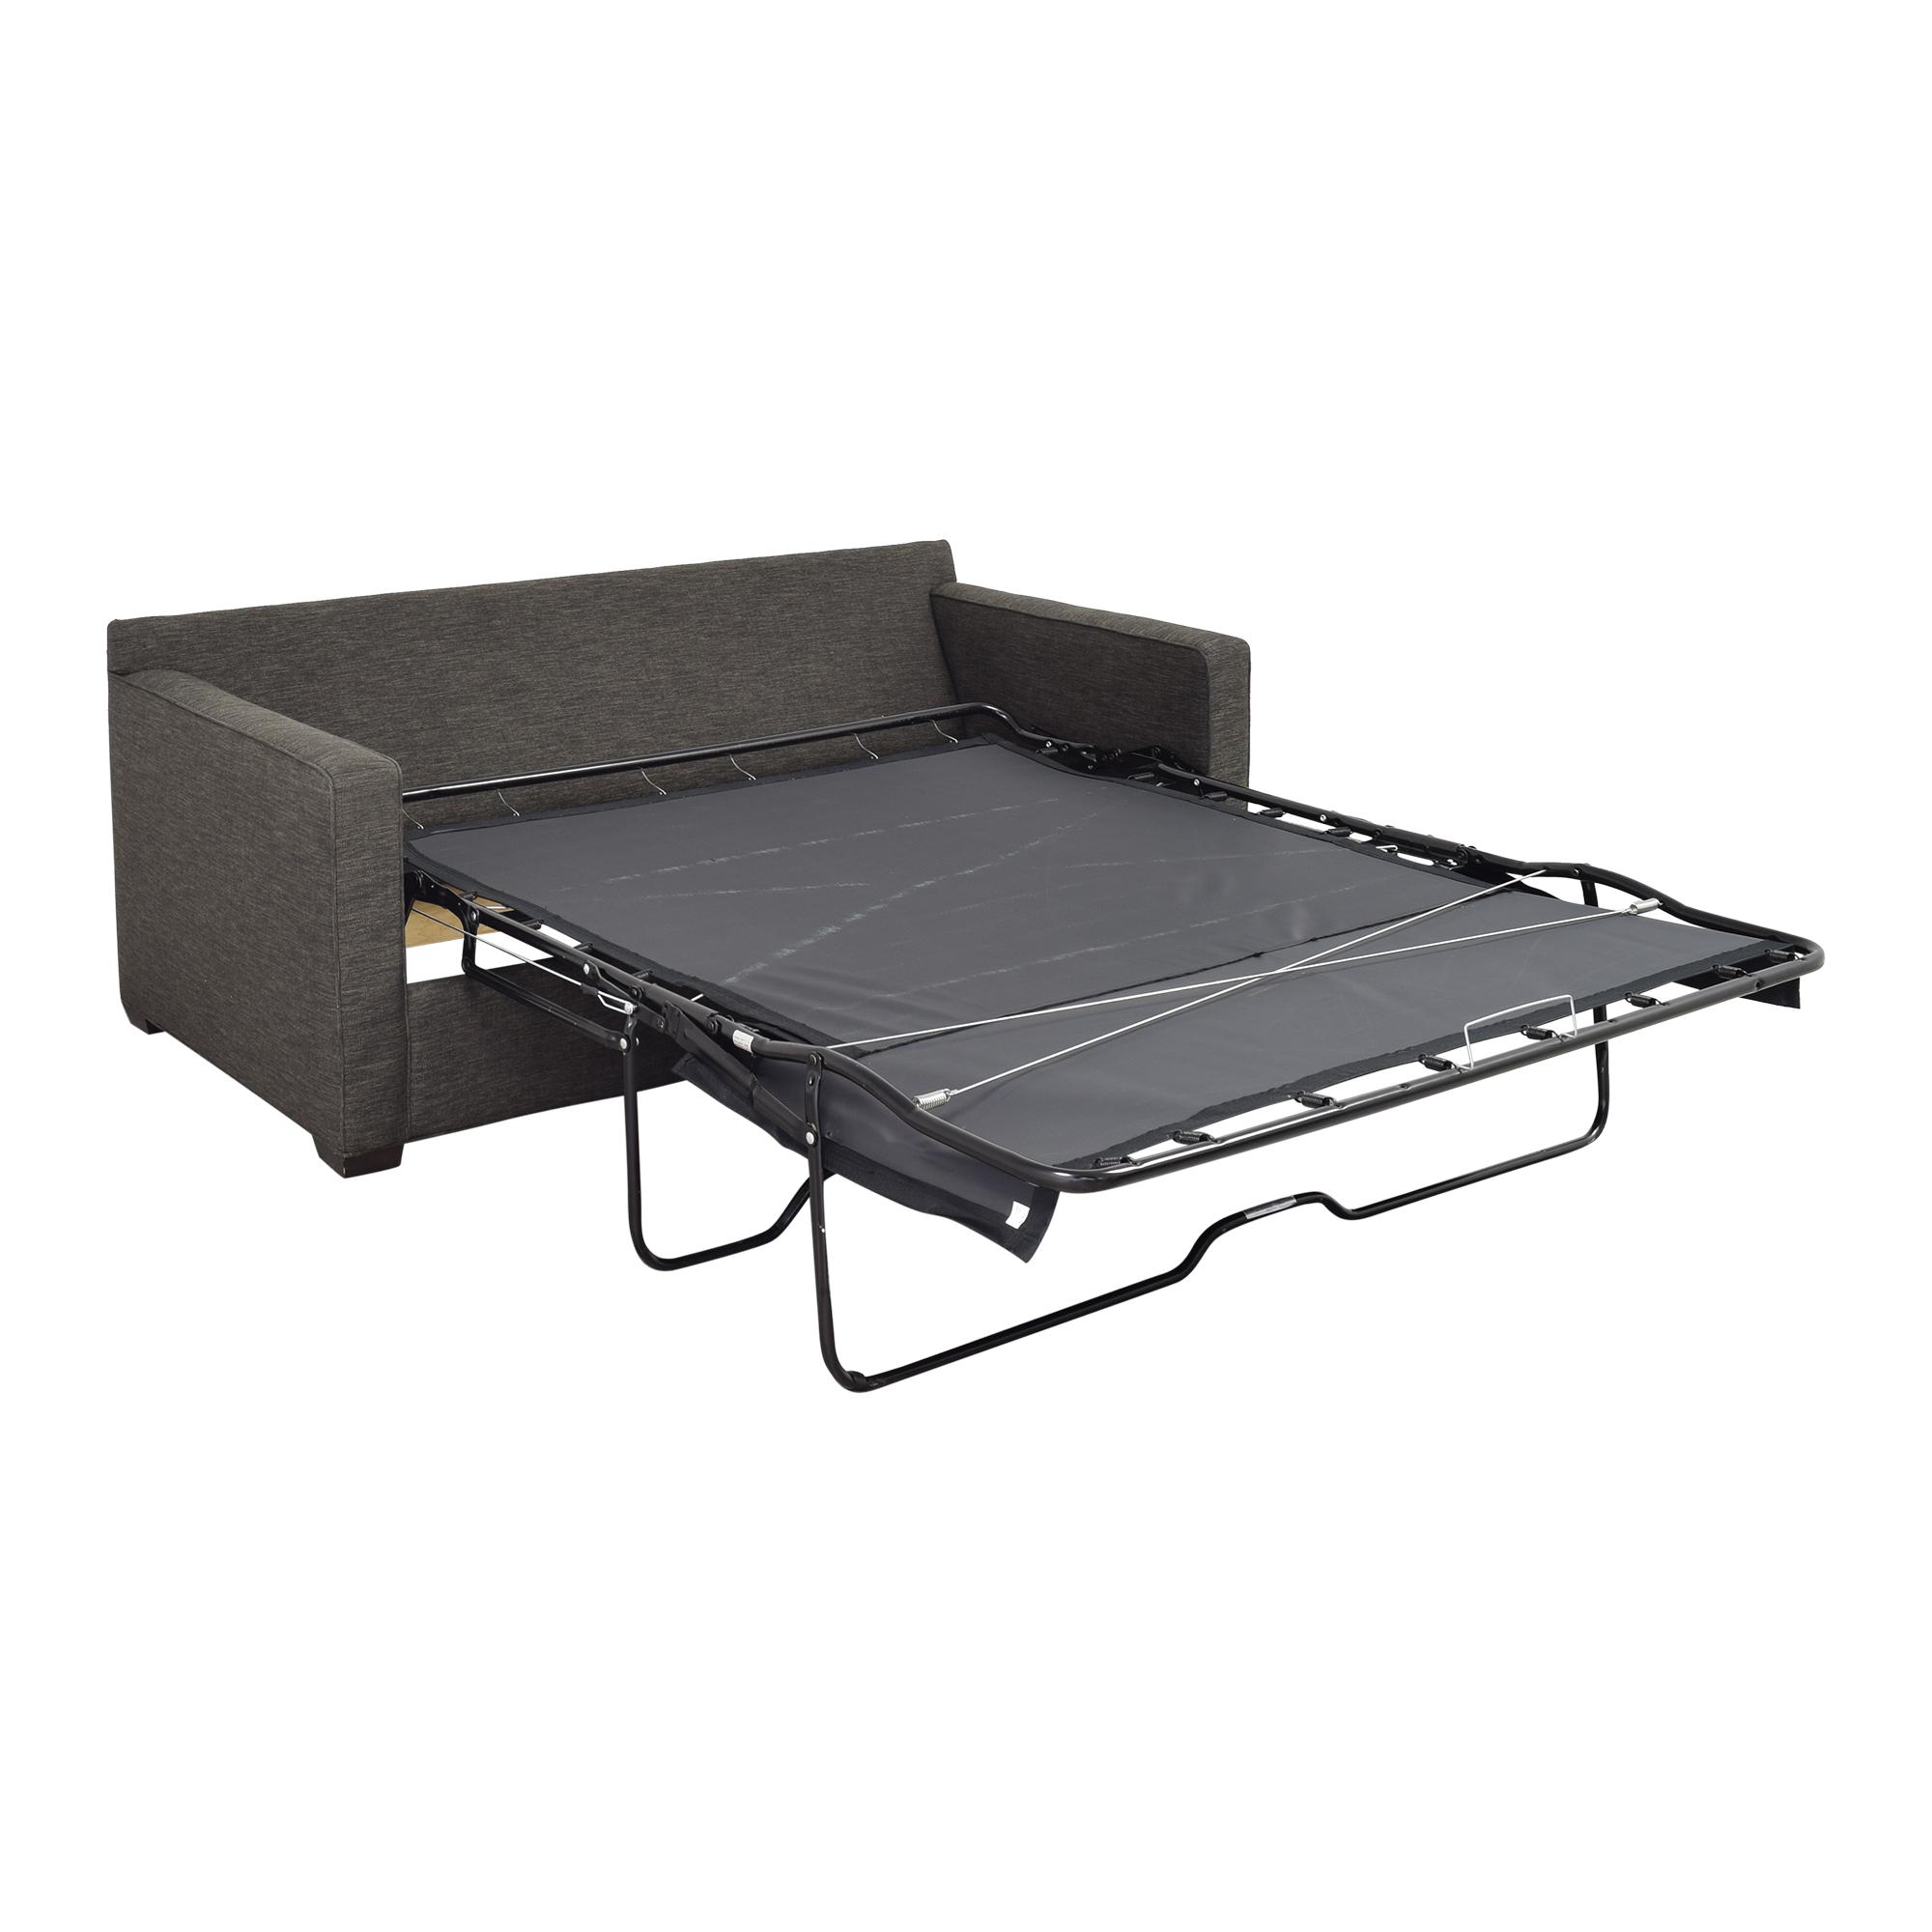 shop Crate & Barrel Davis Queen Sleeper Sofa Crate & Barrel Sofa Beds